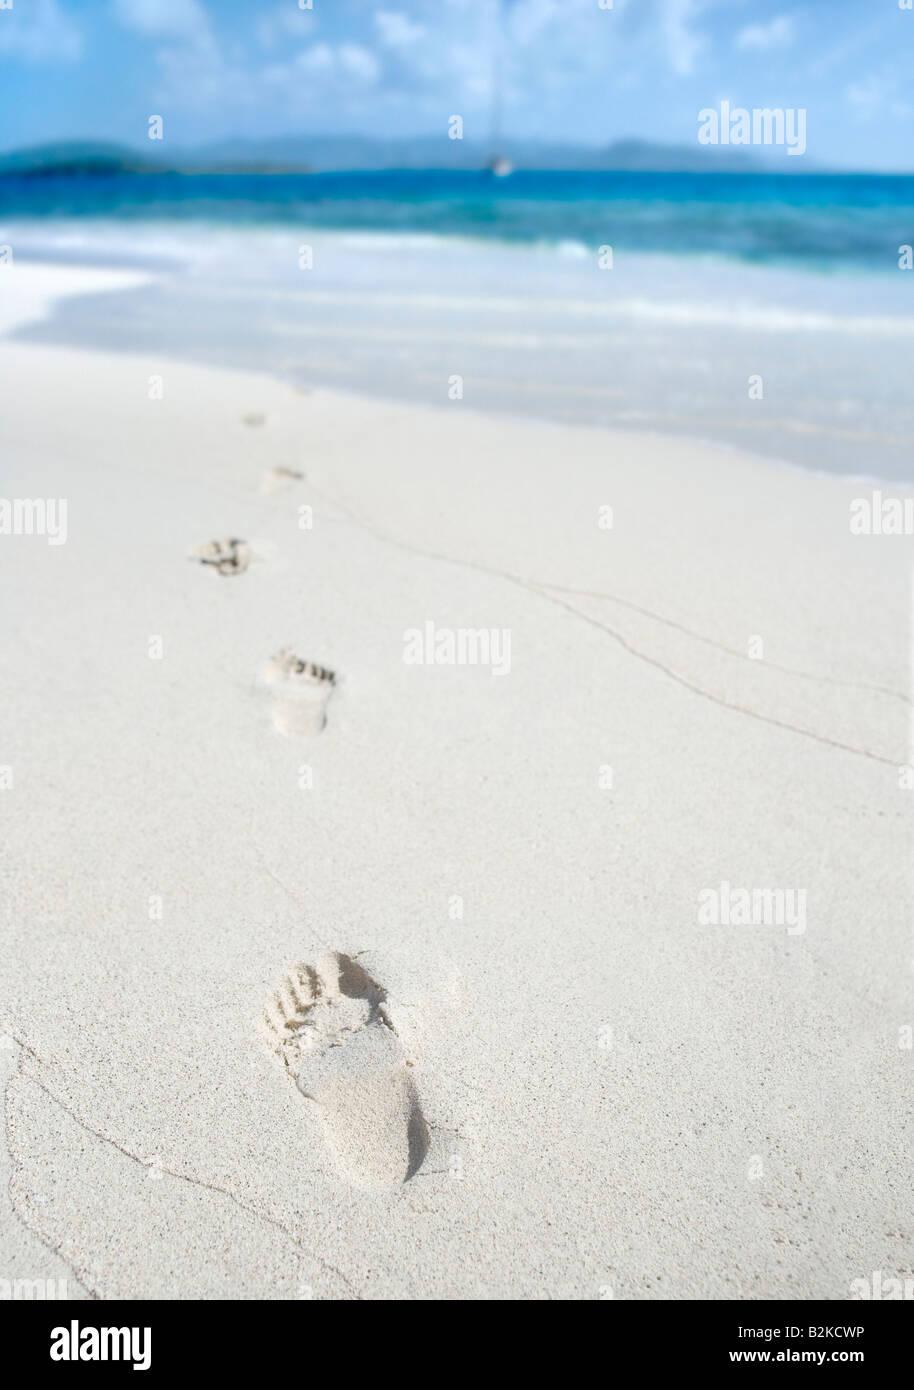 Fußabdrücke auf einem sonnigen tropischen Strand in der Karibik Stockbild